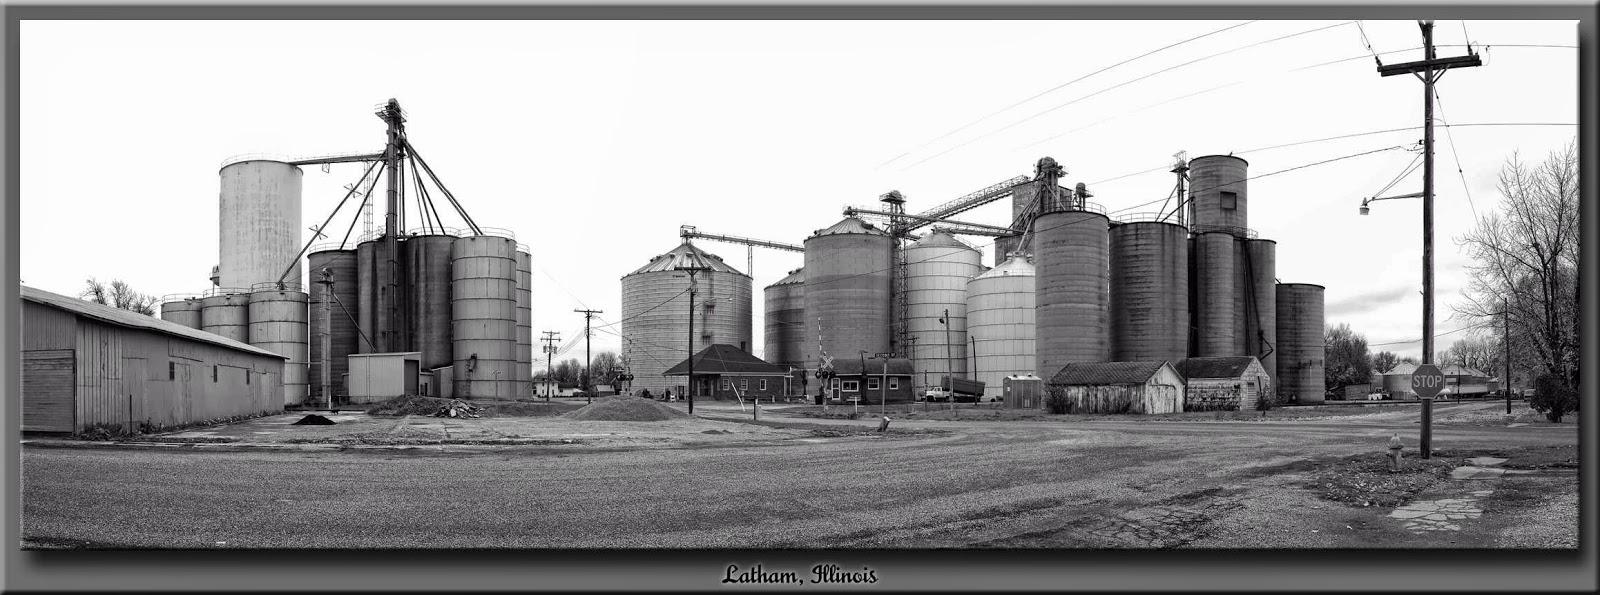 White apron latham - Latham Illinois